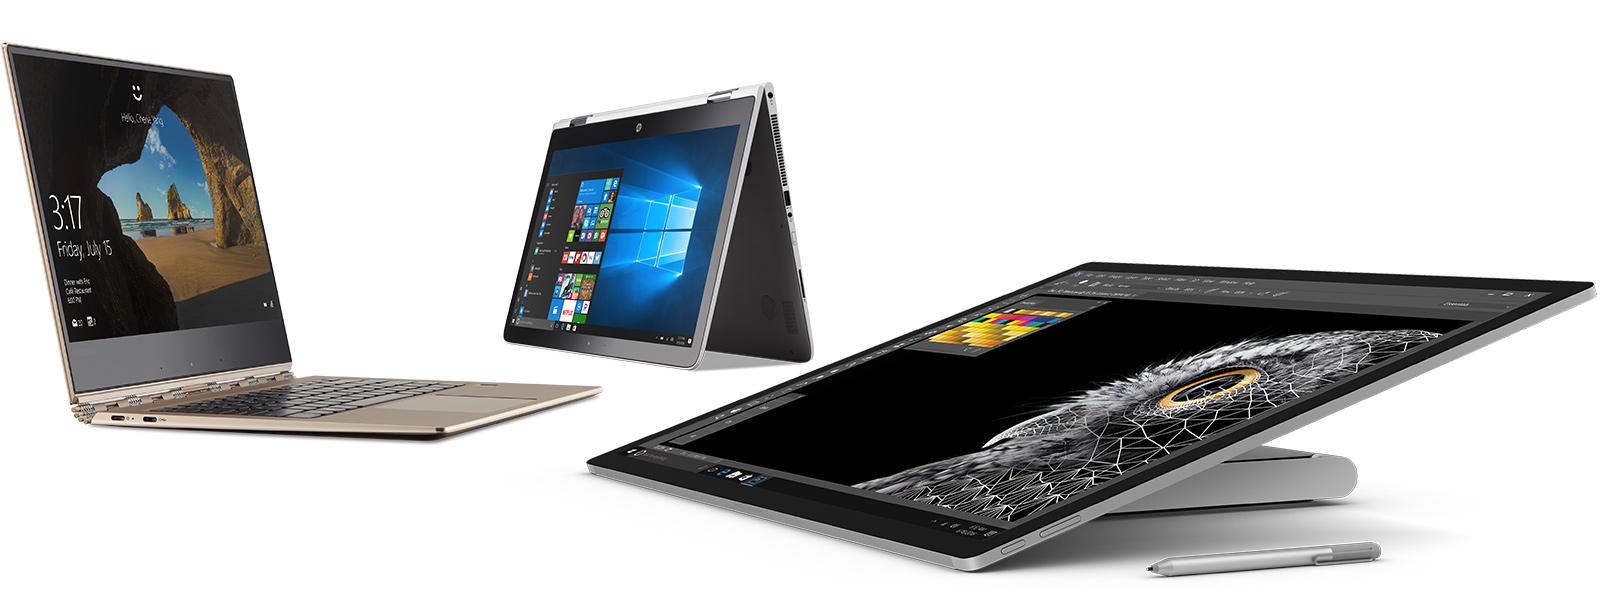 Image de groupe HP Spectre, Lenovo Yoga et Surface Studio.